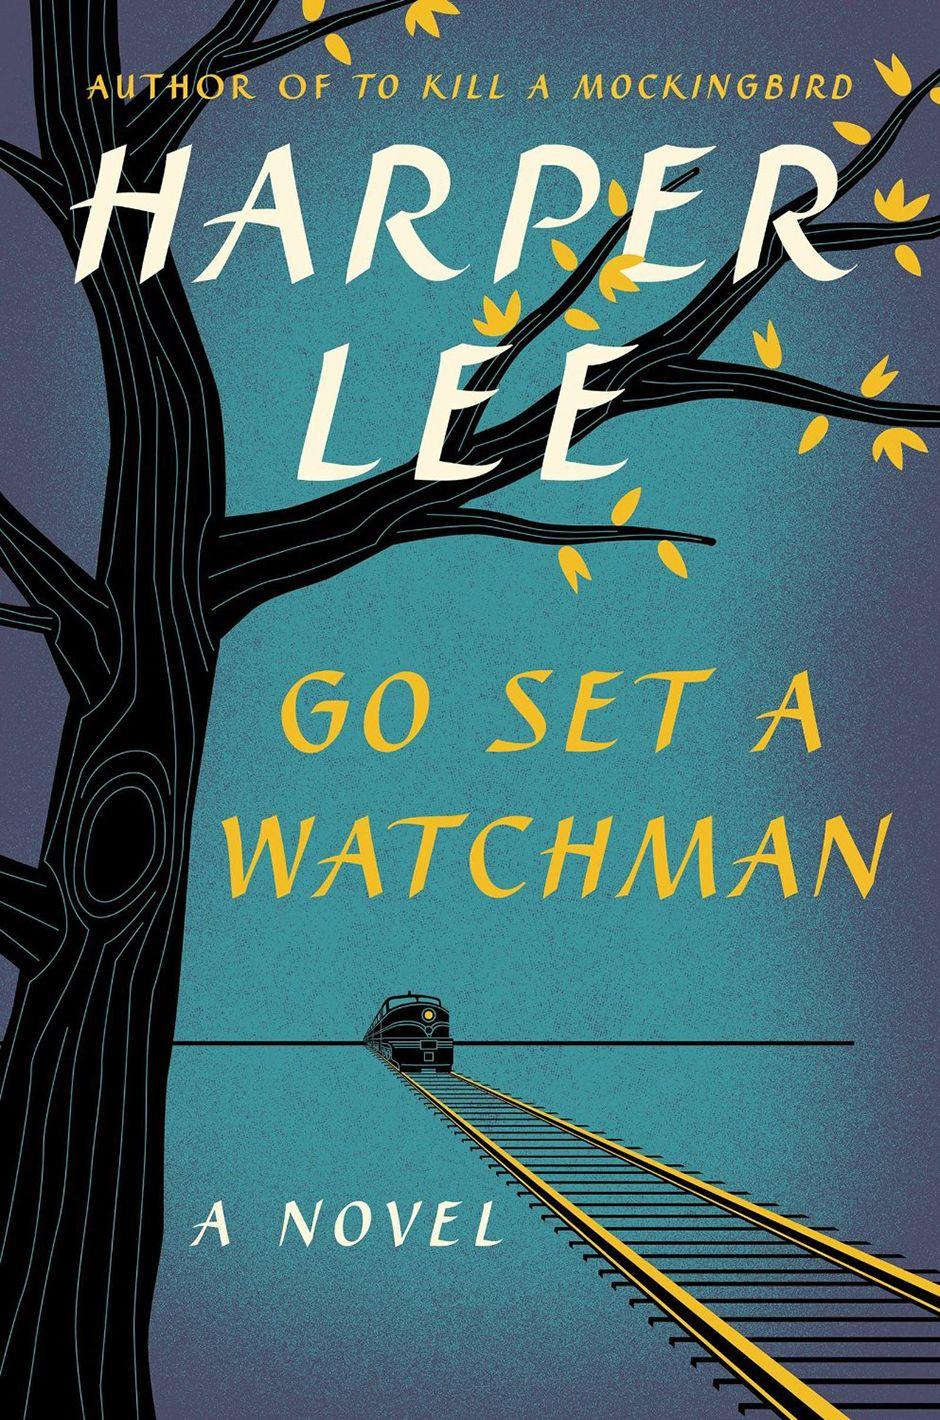 Novo livro de Harper Lee tem maior pré-venda desde Harry Potter